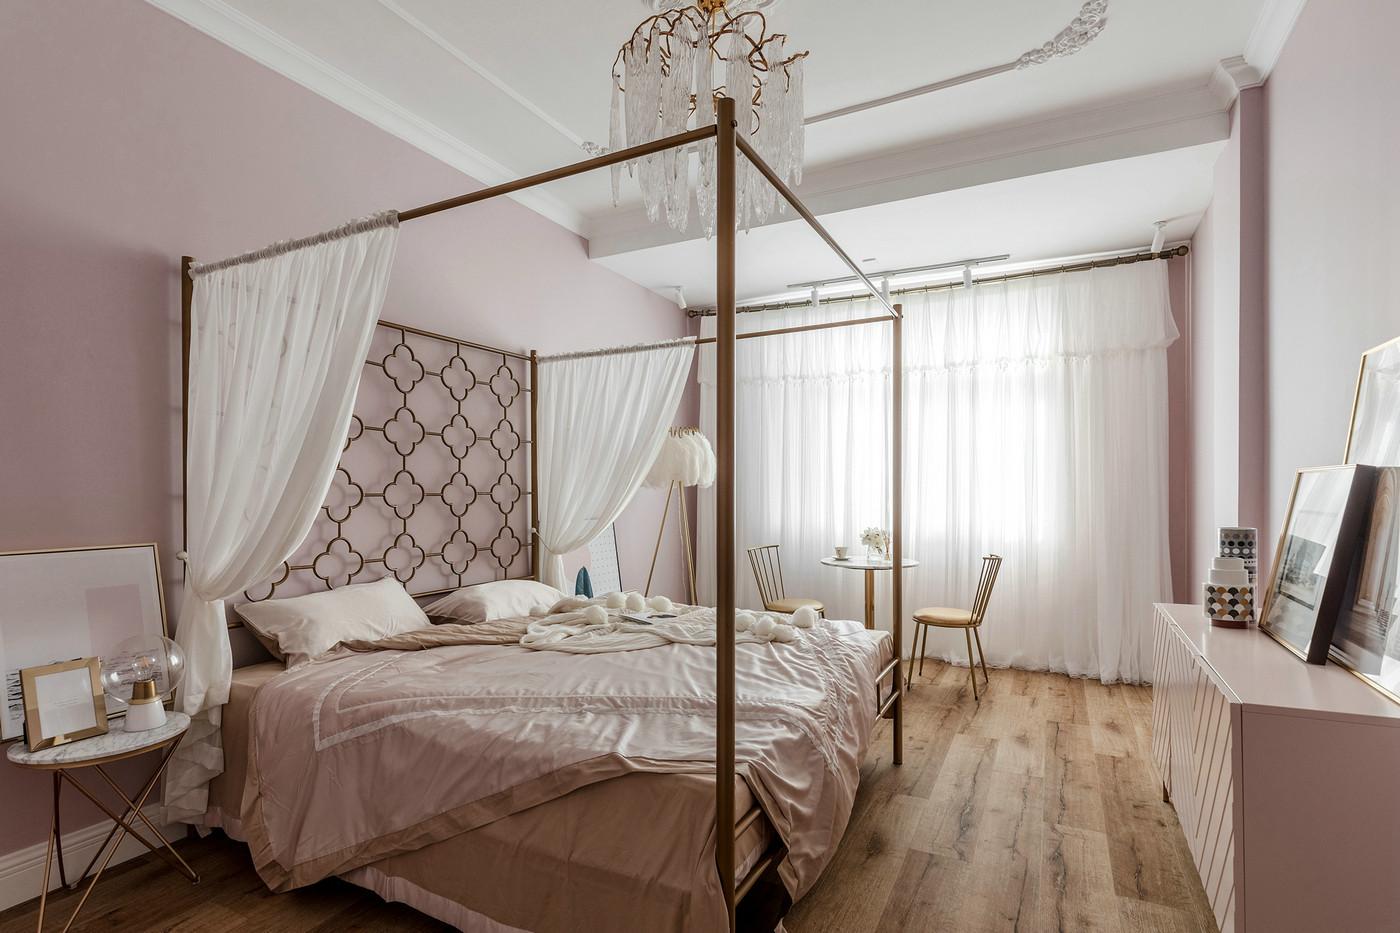 侧卧白粉相间,木质地板姿态各异,白色脉络在粉色的背景下沉淀,为空间注入无限少女情怀。